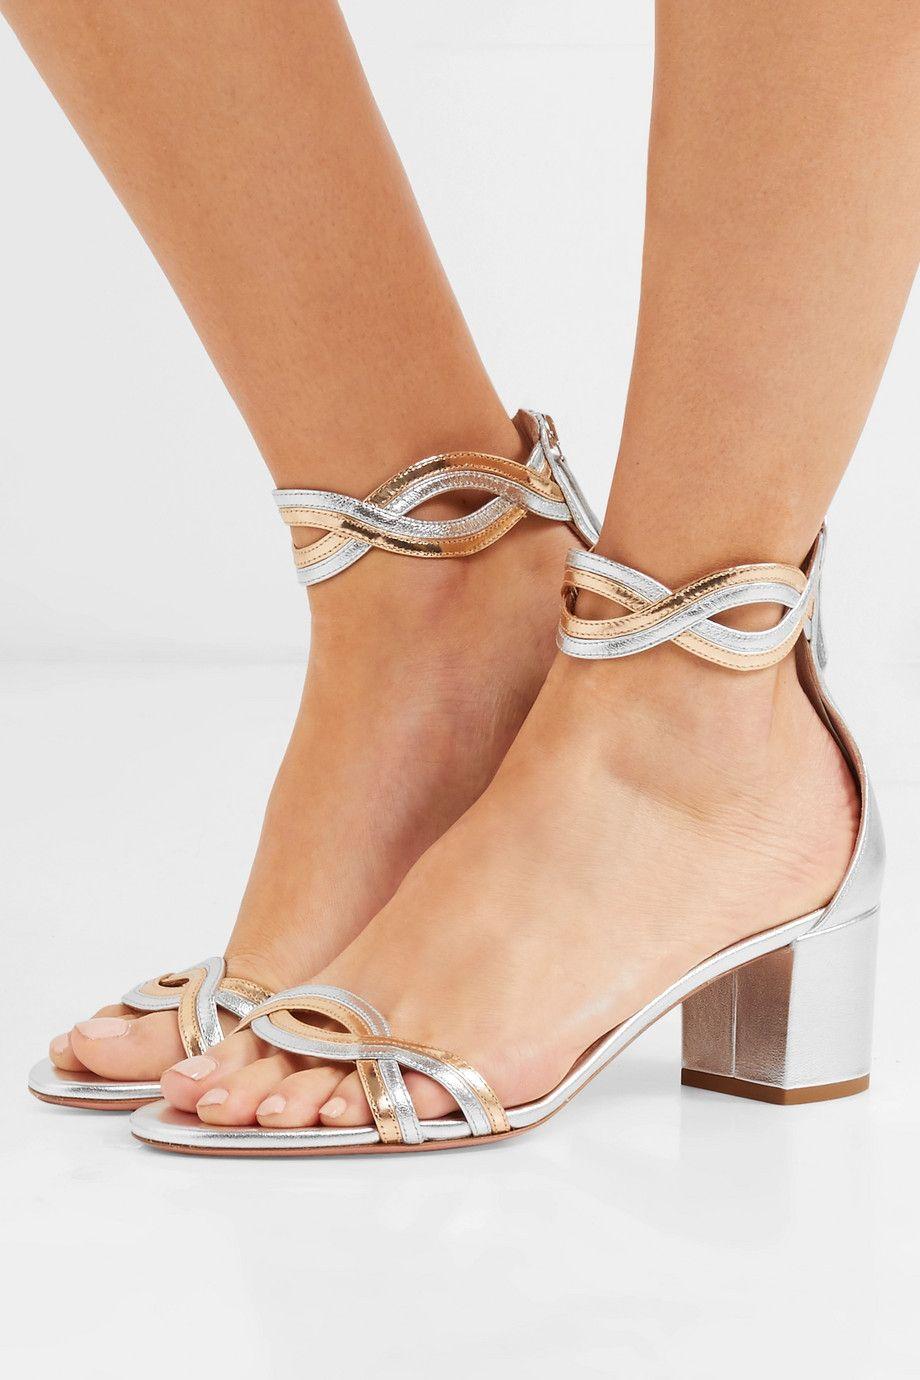 AquazzuraMoon Ray sandals Réduction Sast Footaction En Ligne Vente Choisir Un Meilleur jSU17jzyD6